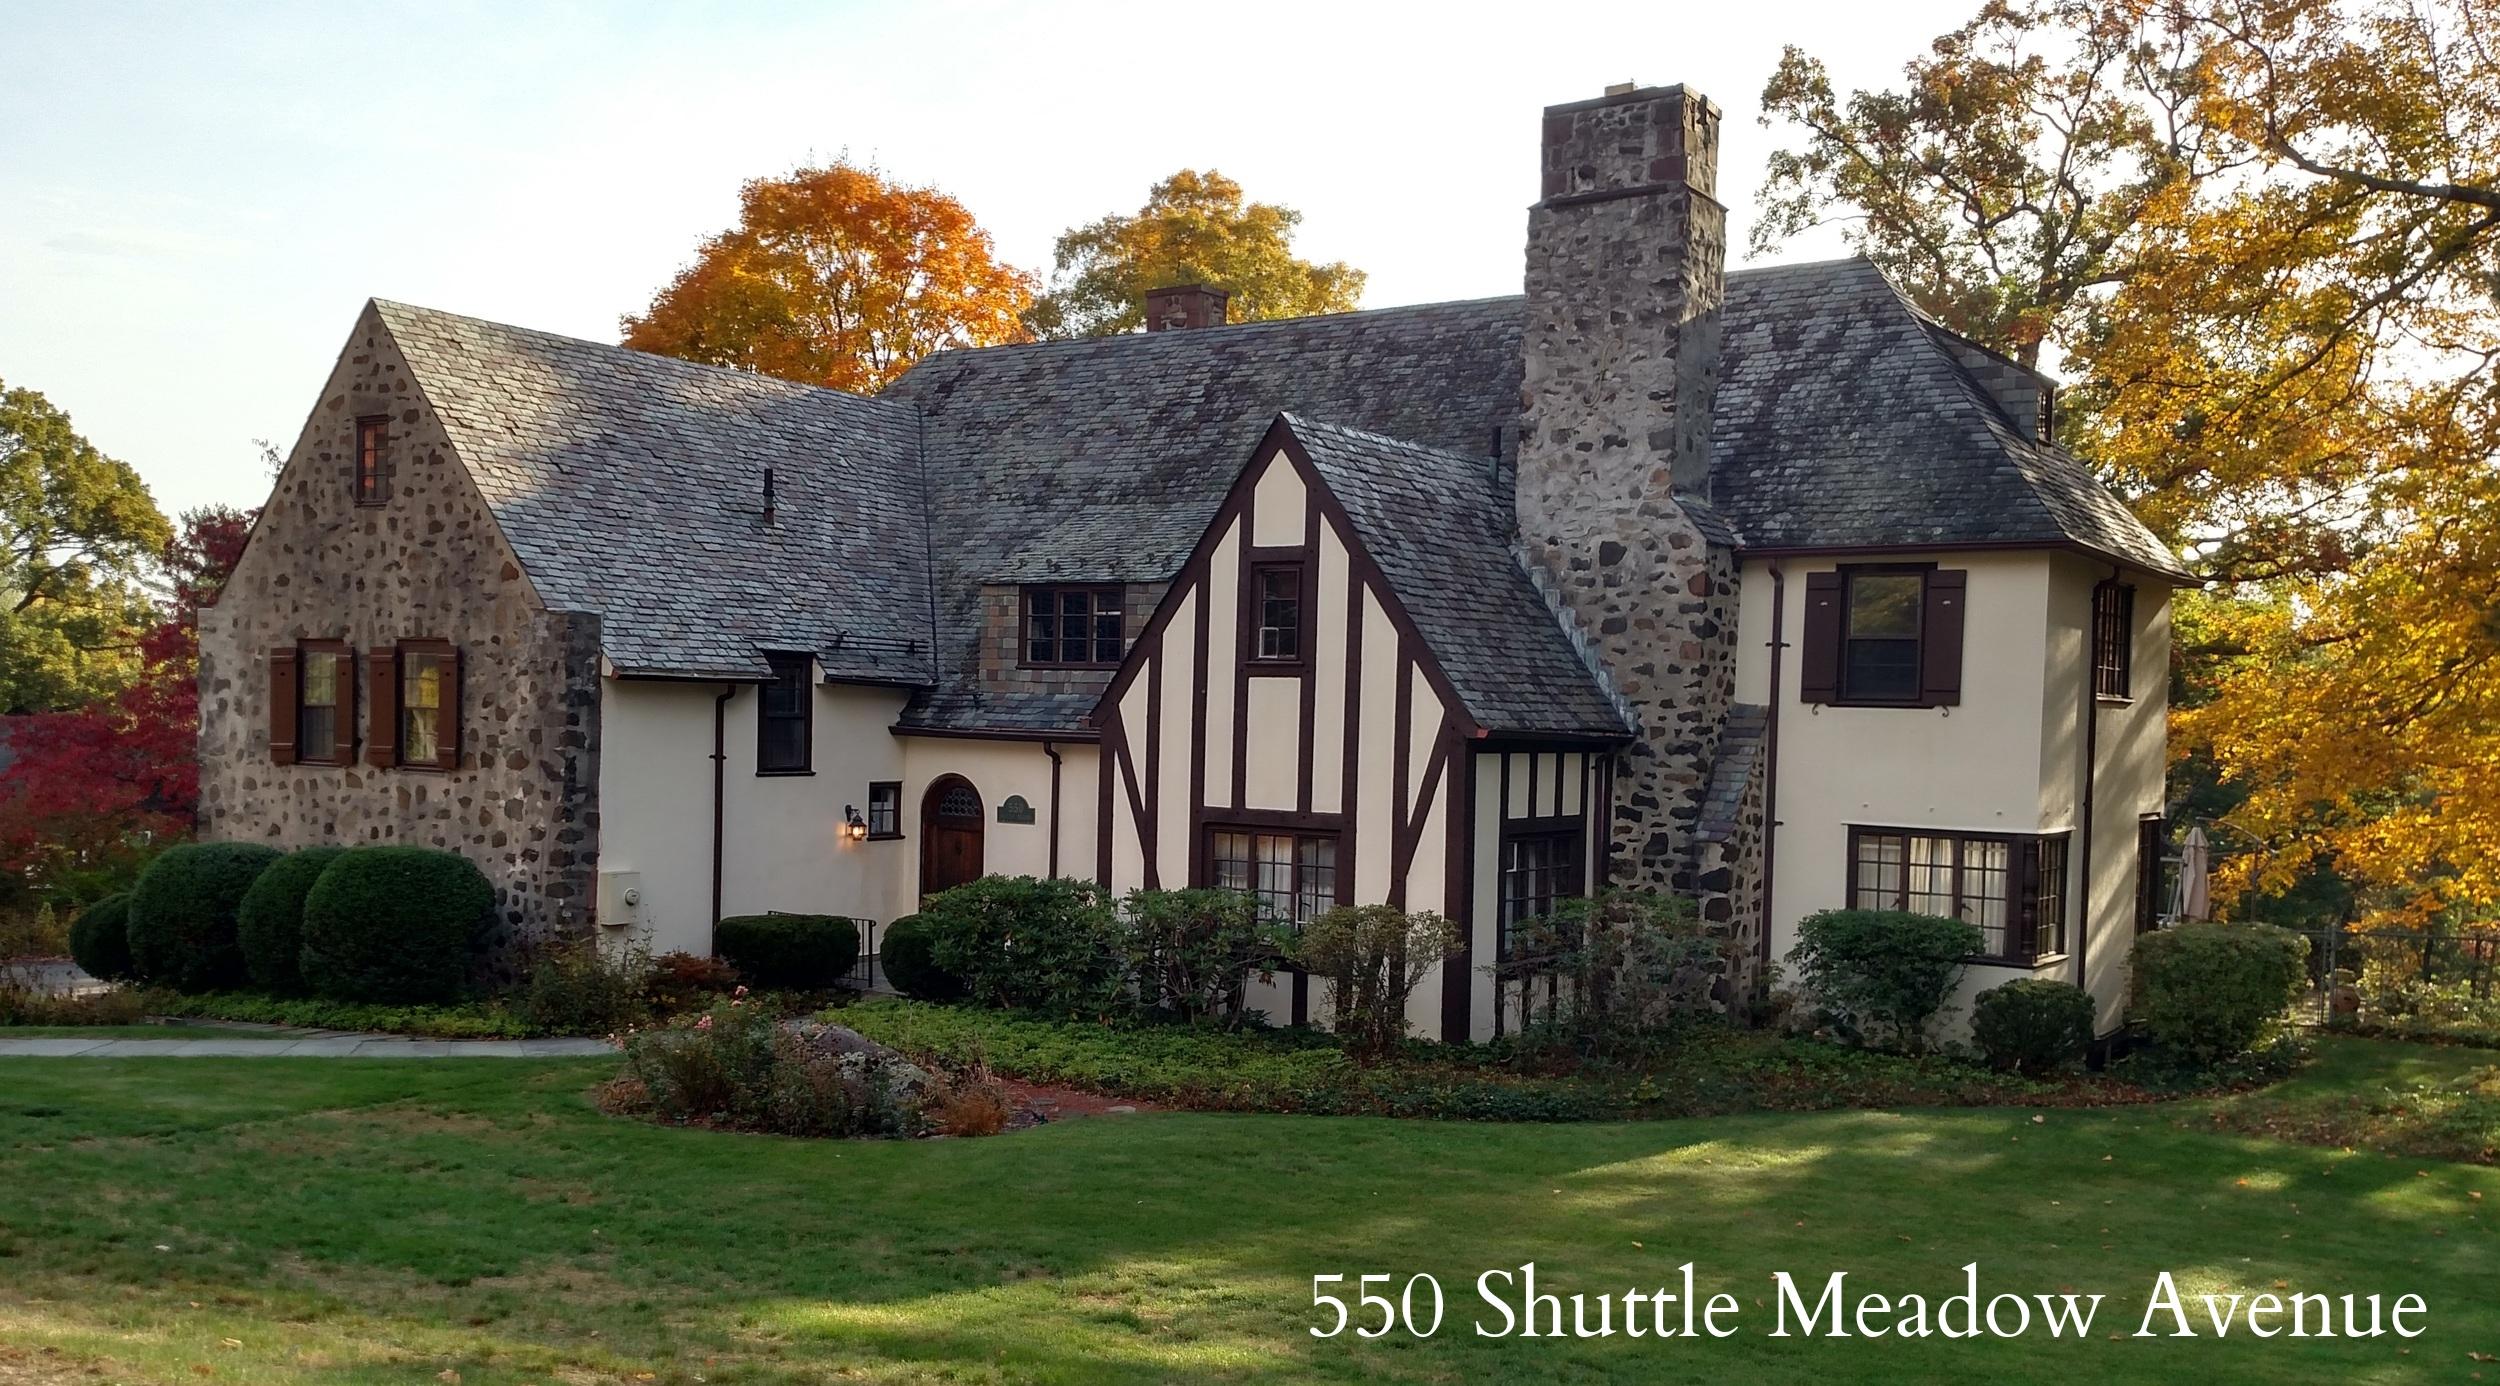 550 Shuttle Meadow Avenue.jpg